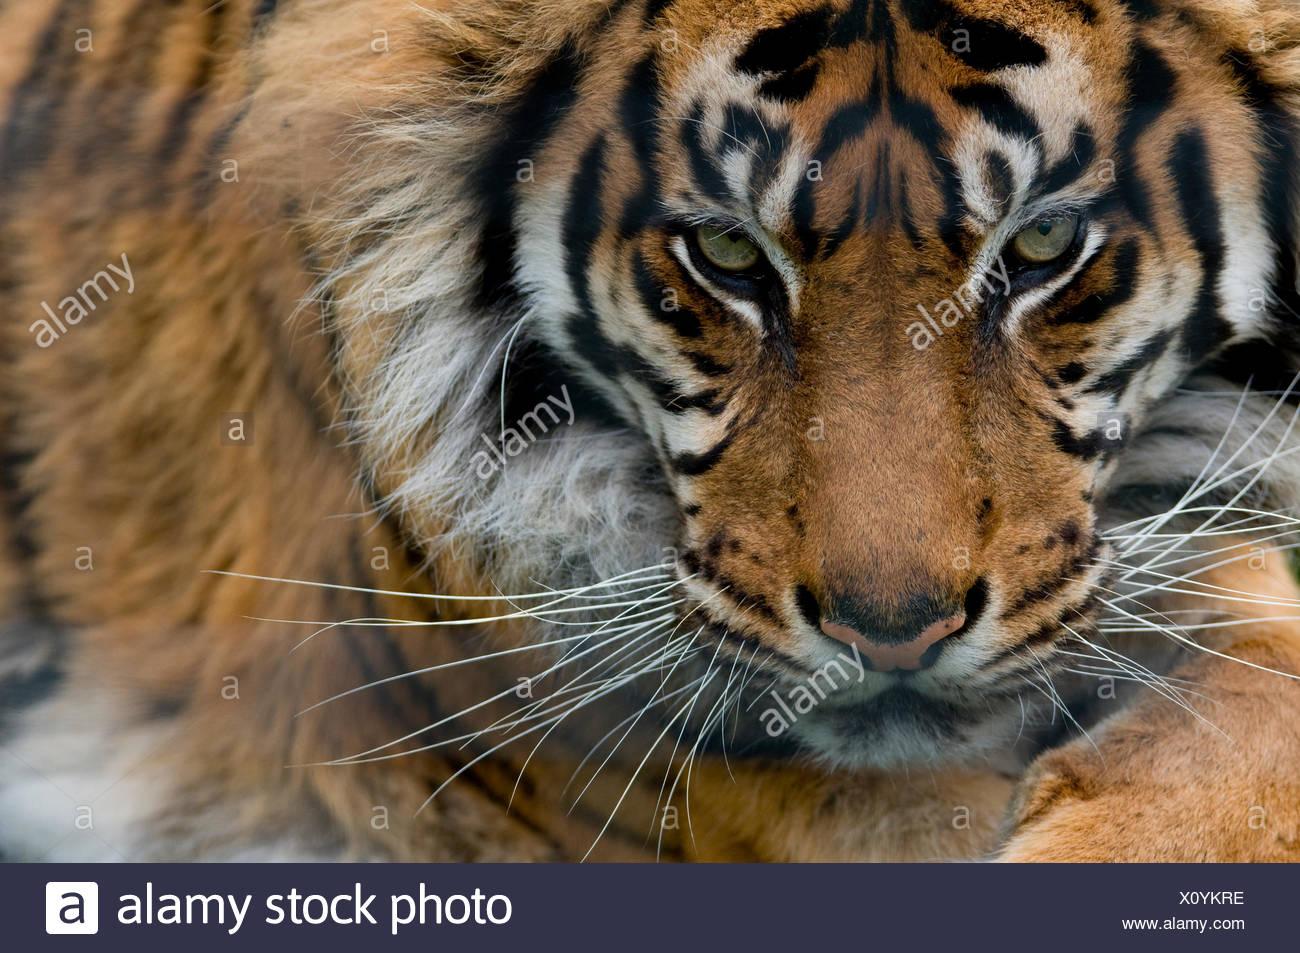 Sumatran tiger (Panthera tigris sumatrae) close-up head portrait, captive Stock Photo